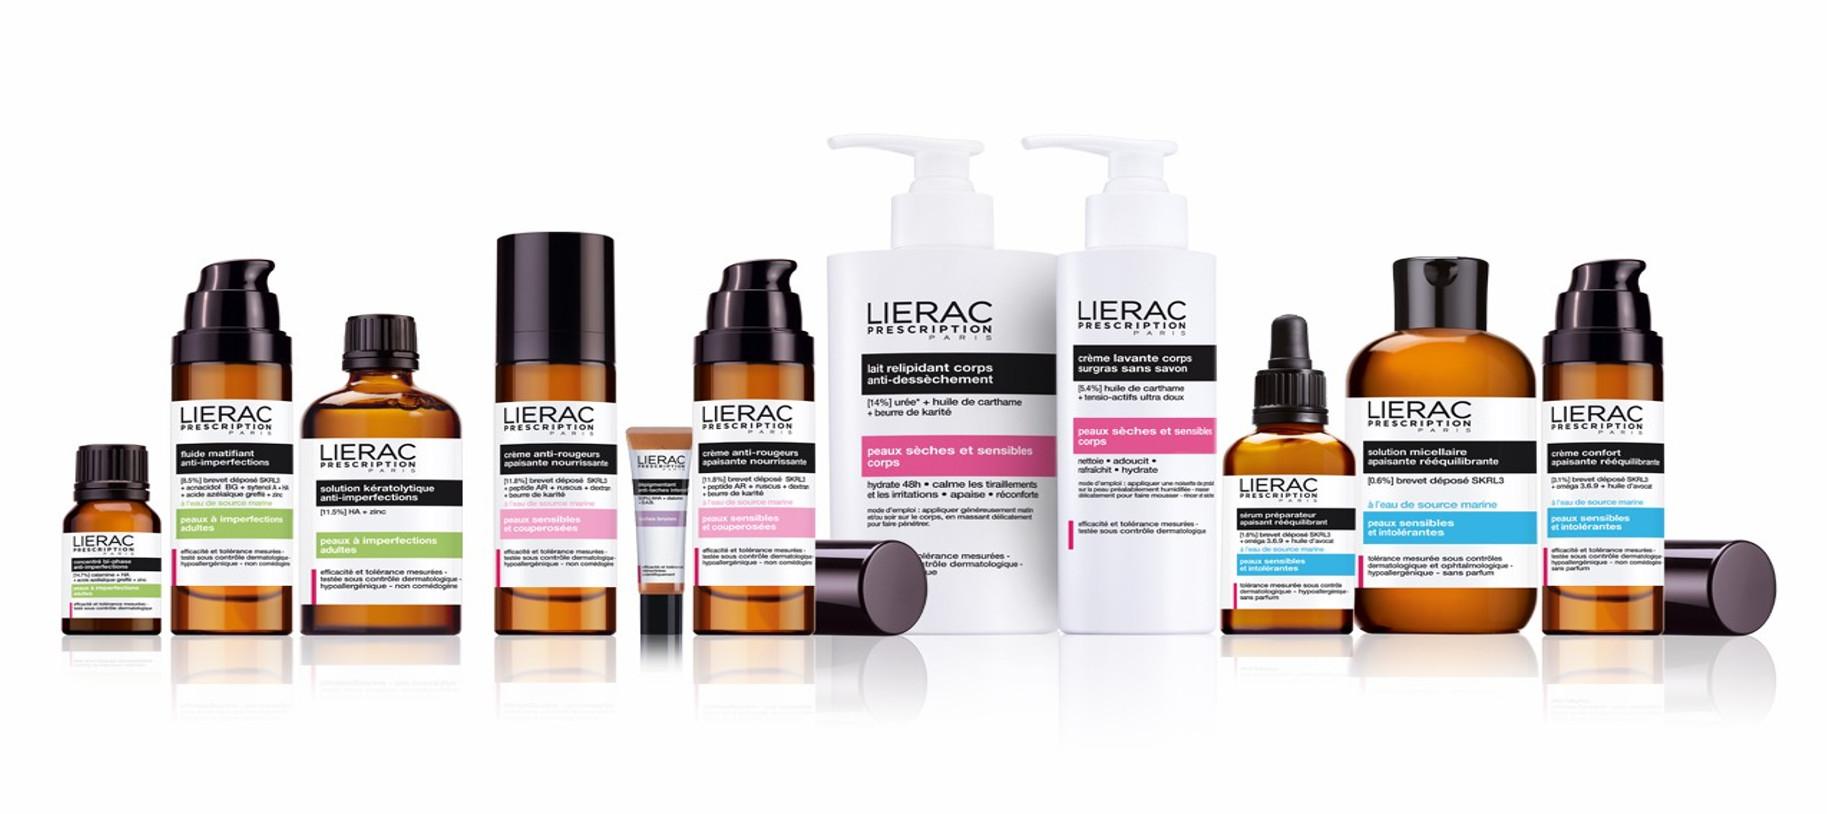 lierac-promozioni-farmacia-sassari